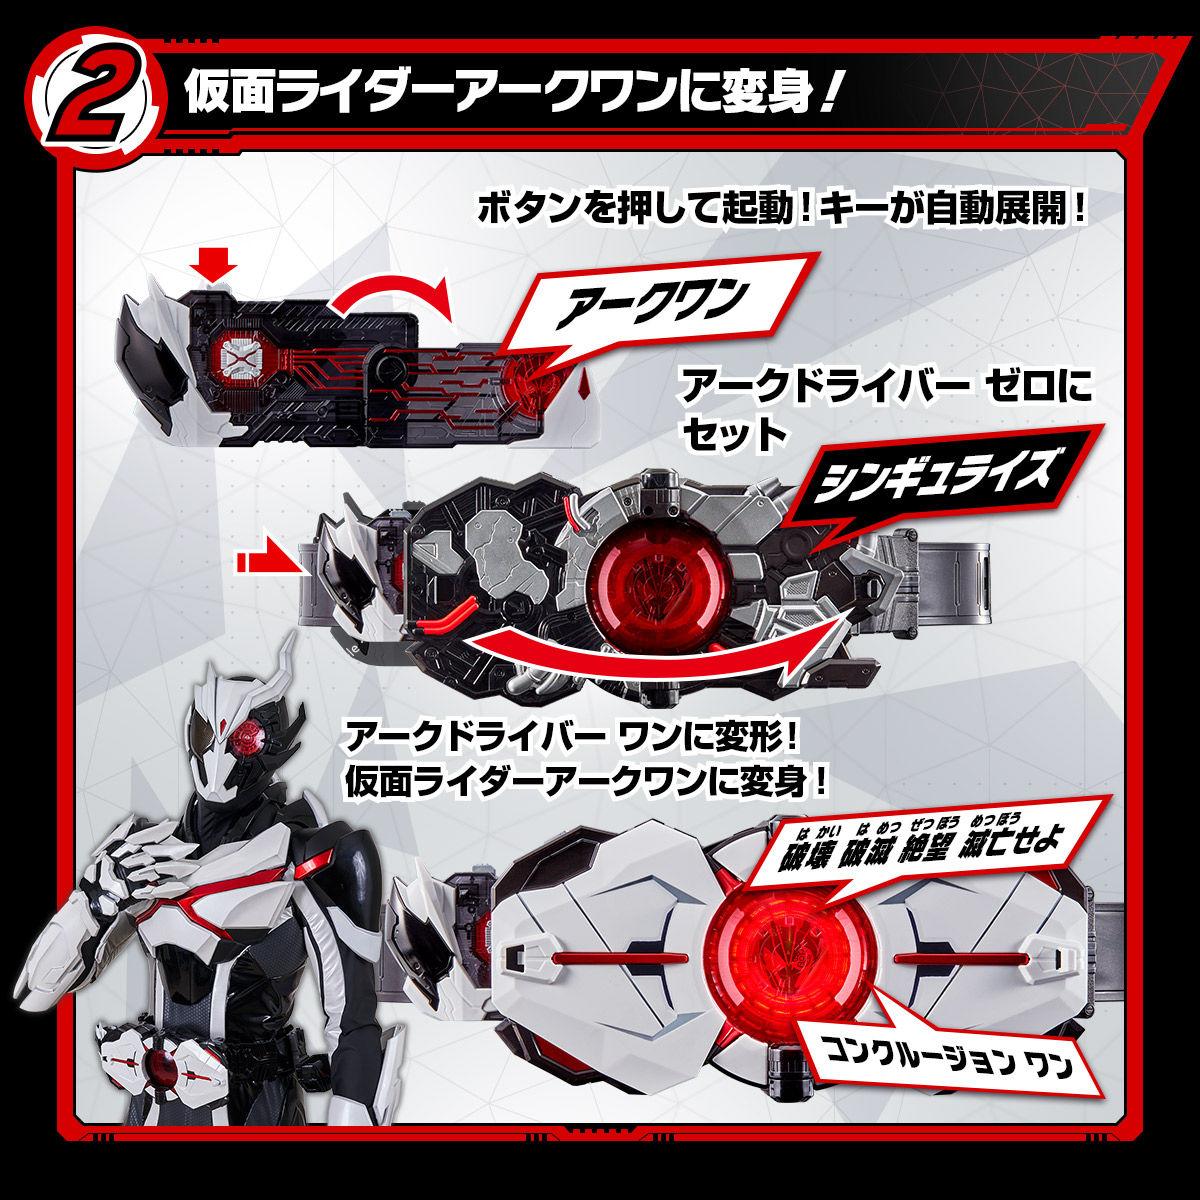 【限定販売】変身ベルト『DXアークドライバー』変身なりきり-003